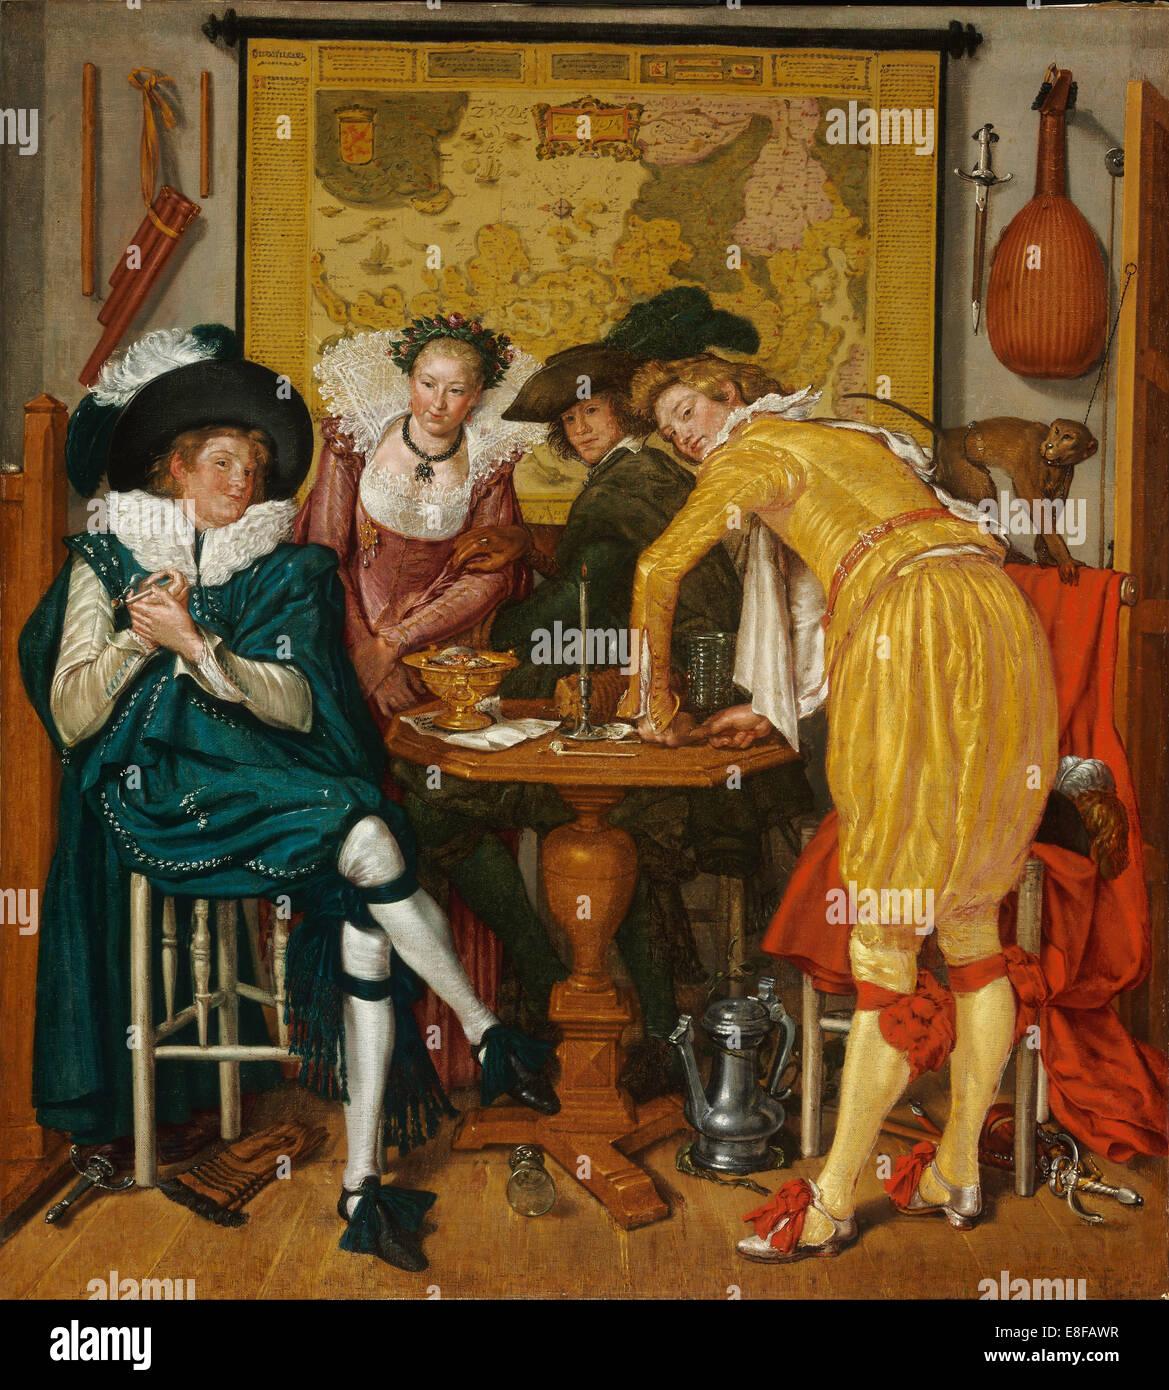 Merry company. Artist: Buytewech, Willem Pietersz. (1591/92-1624) - Stock Image